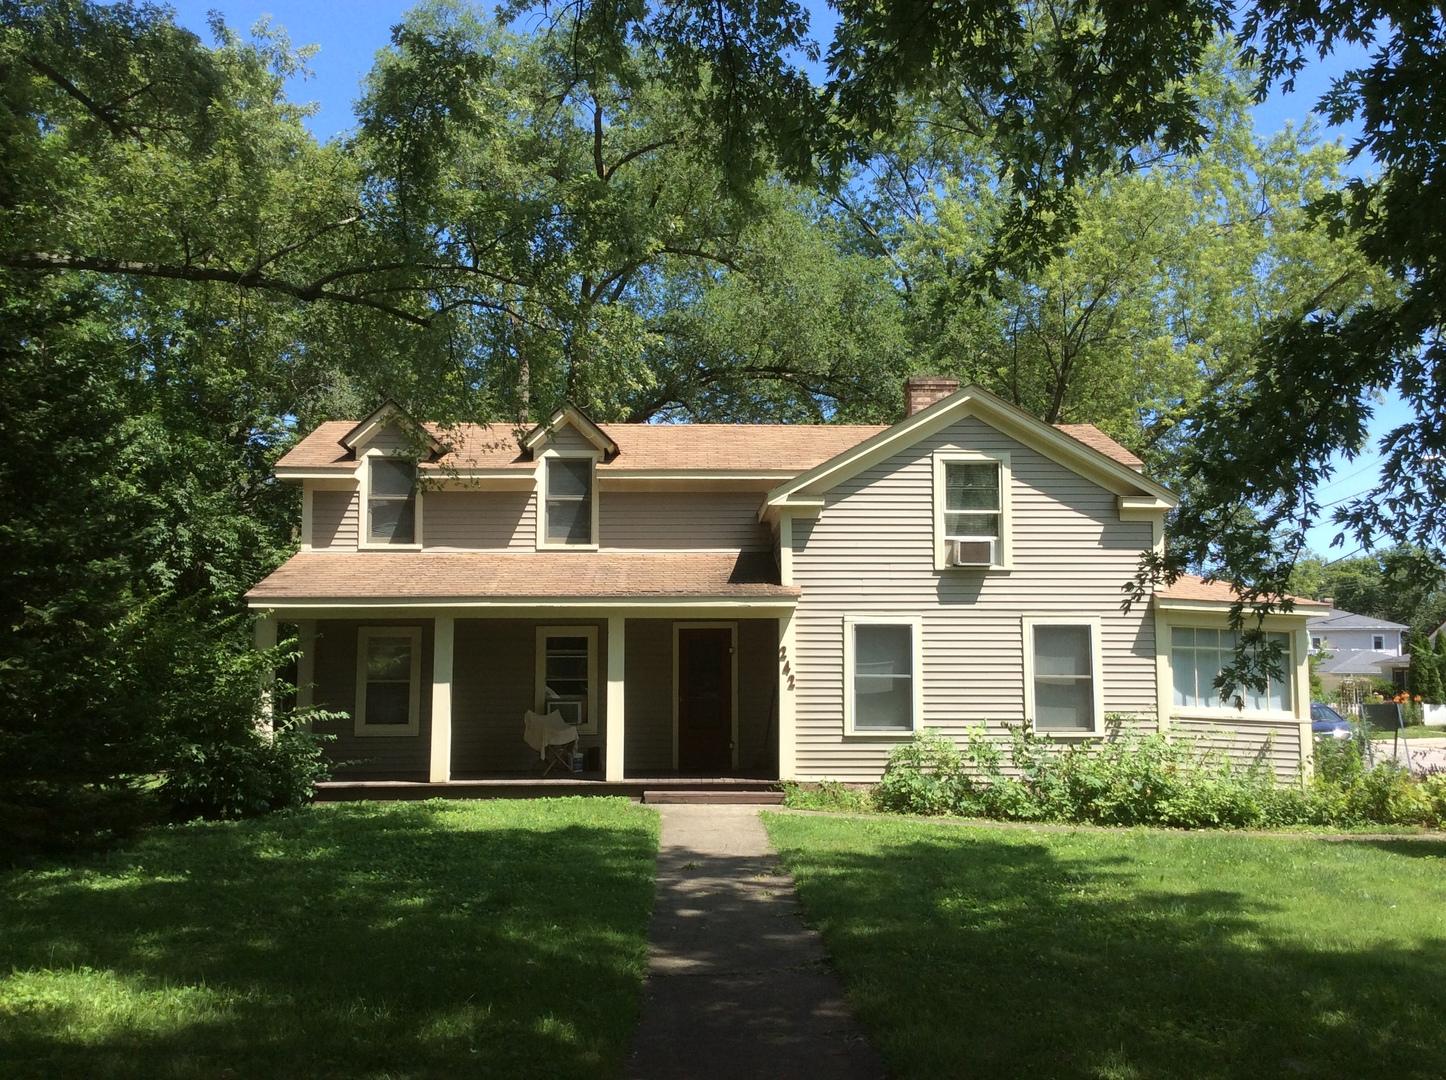 242 South Batavia Avenue, Batavia in Kane County, IL 60510 Home for Sale